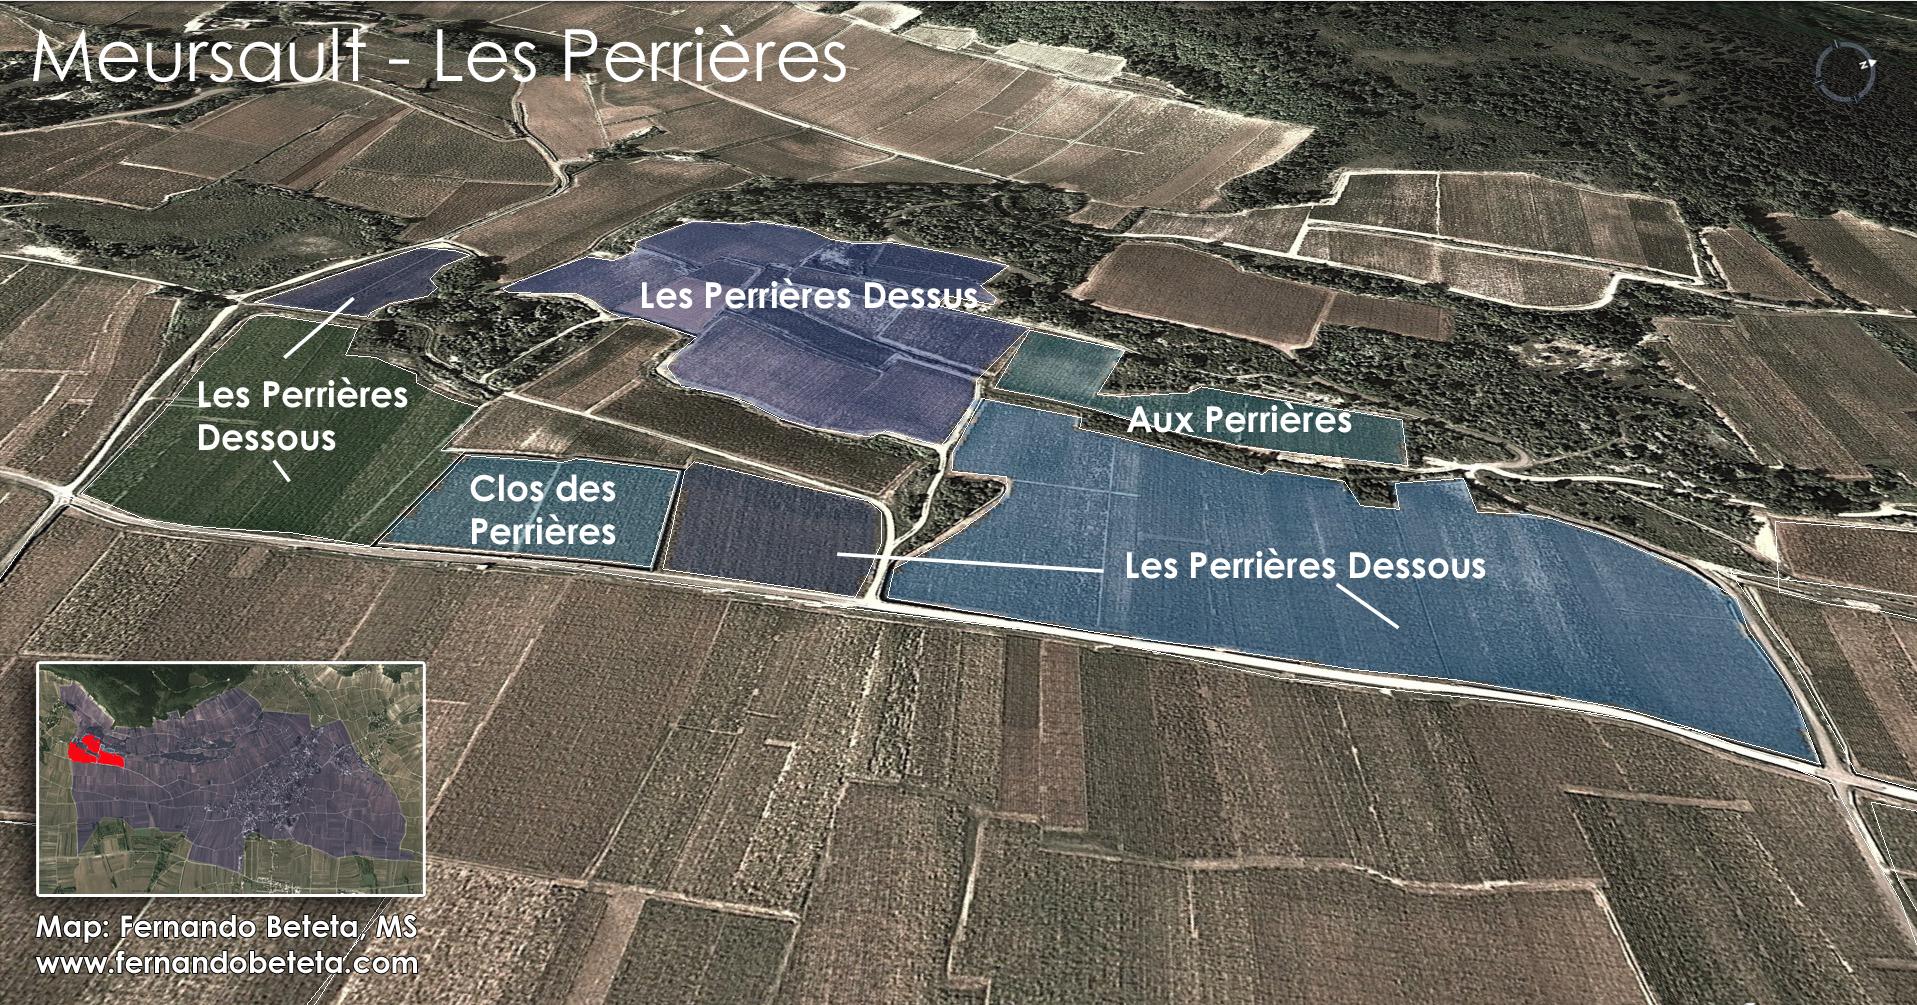 Meursault-Perrieres.jpg